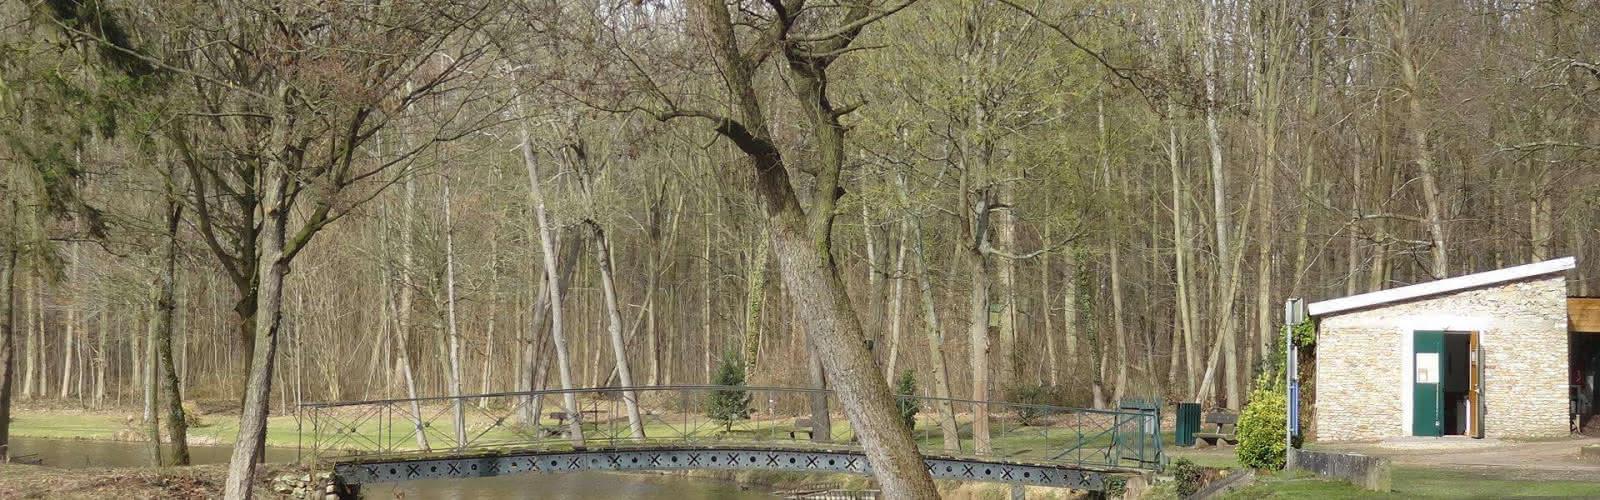 Parc du Bois de l'Étang